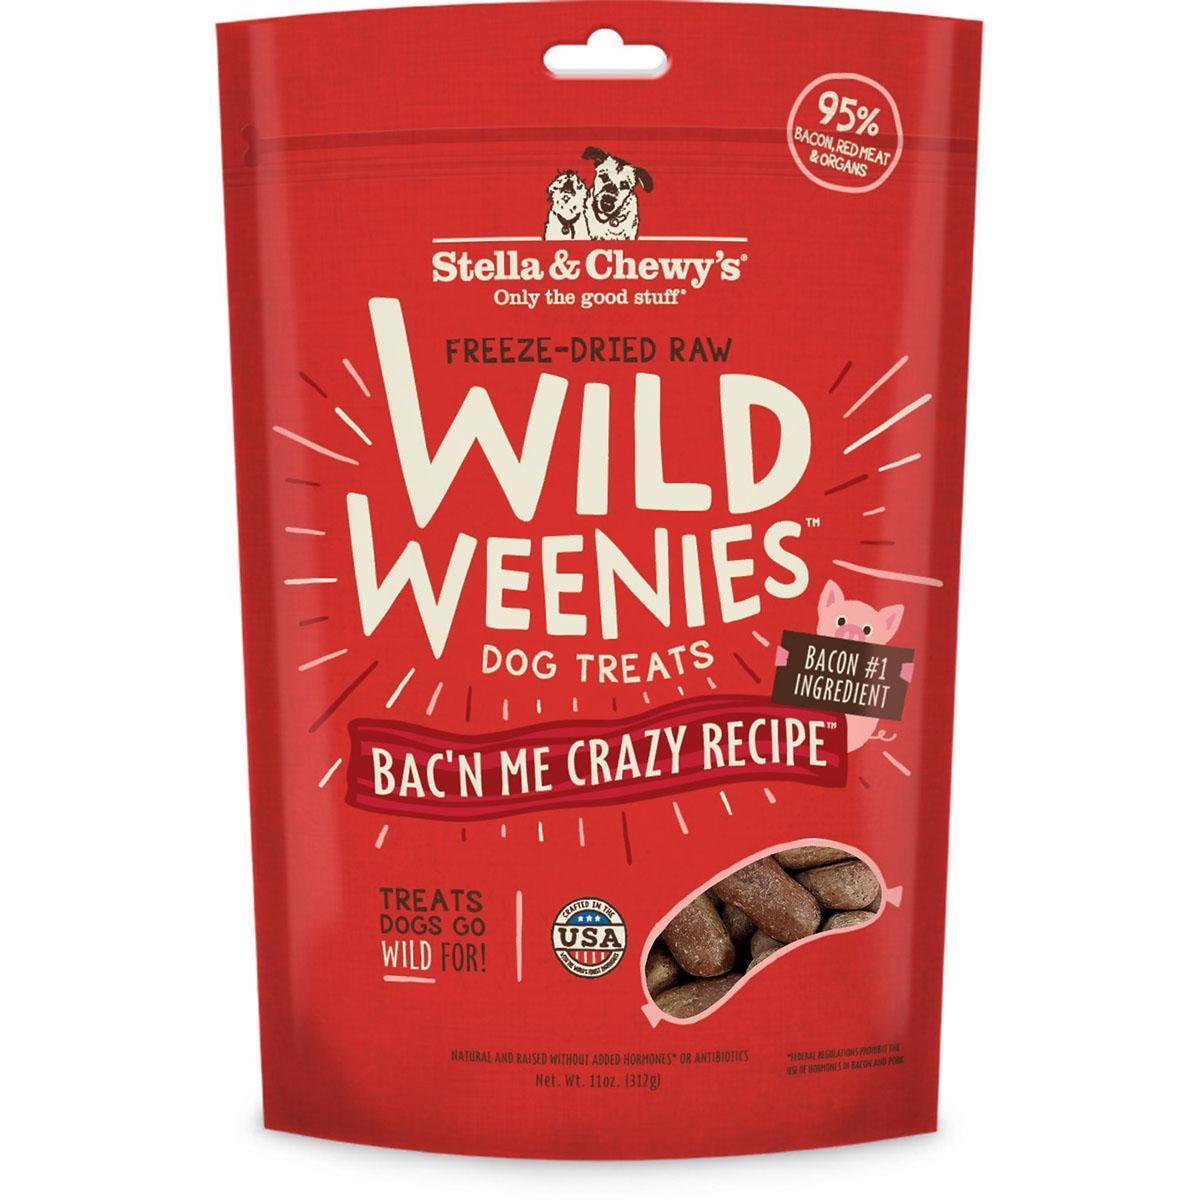 Stella & Chewy's Wild Weenies Freeze-Dried Raw Dog Treats - Bac'N Me Crazy Recipe